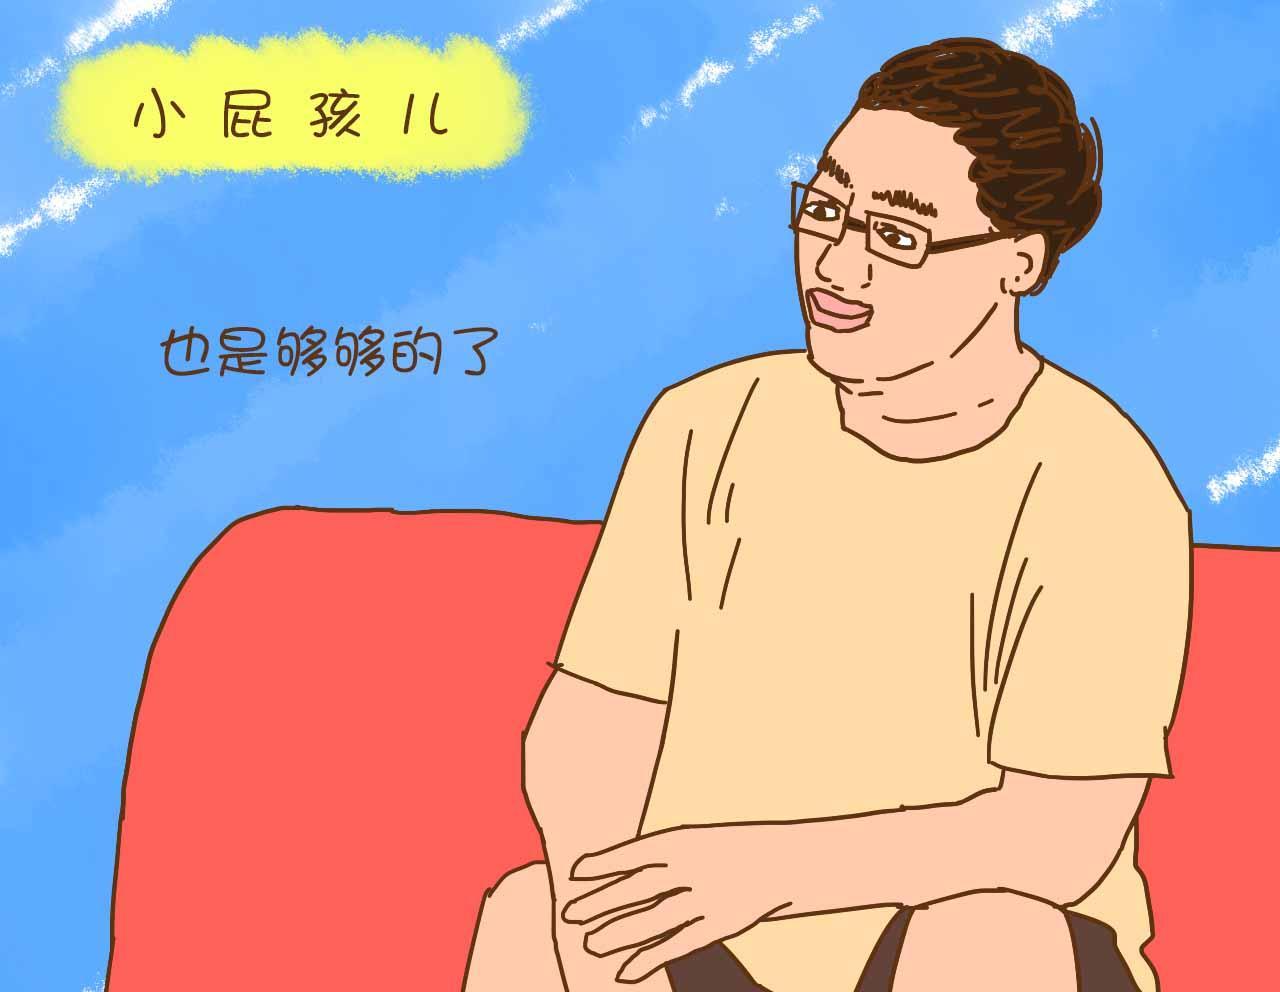 育儿经:父亲做到英达的份也够恶心了,难怪宋丹丹不愿谅他